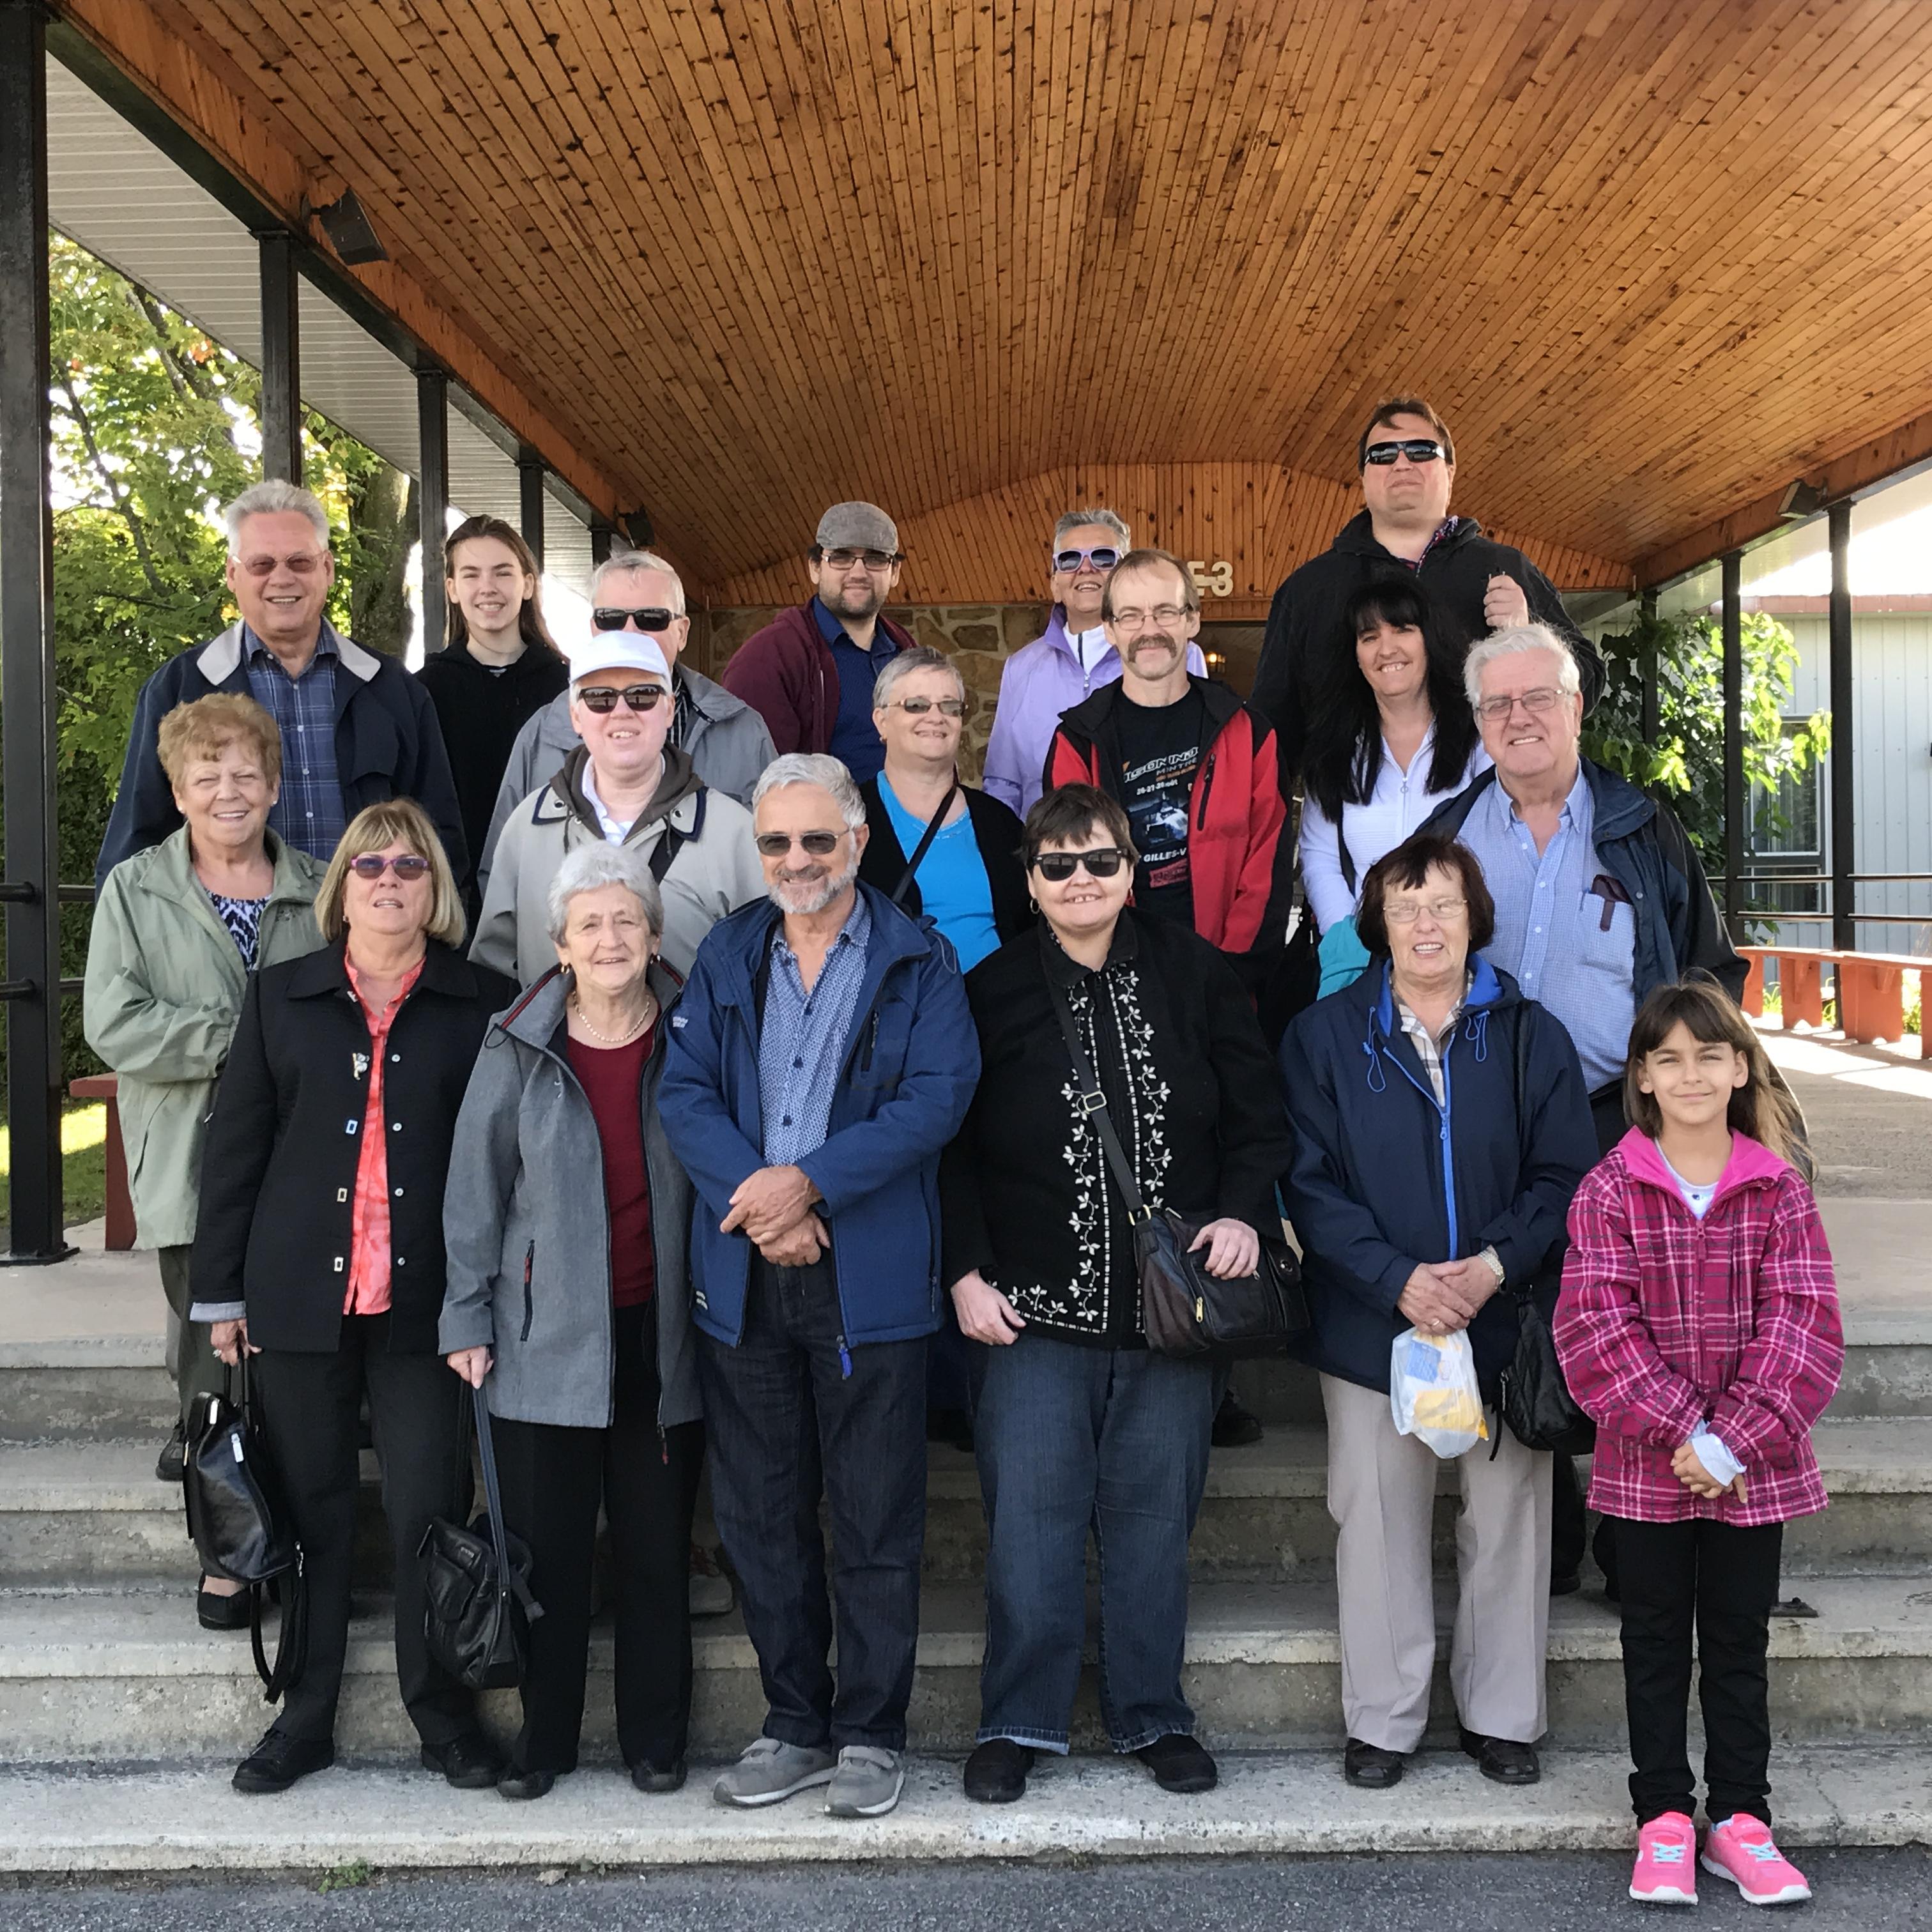 Groupe qui a participé à l'épluchette de blé d'Inde et à la cueillette de pommes qui a eu lieu le 9 septembre 2017 au Chalet du ruisseau à Mirabel.